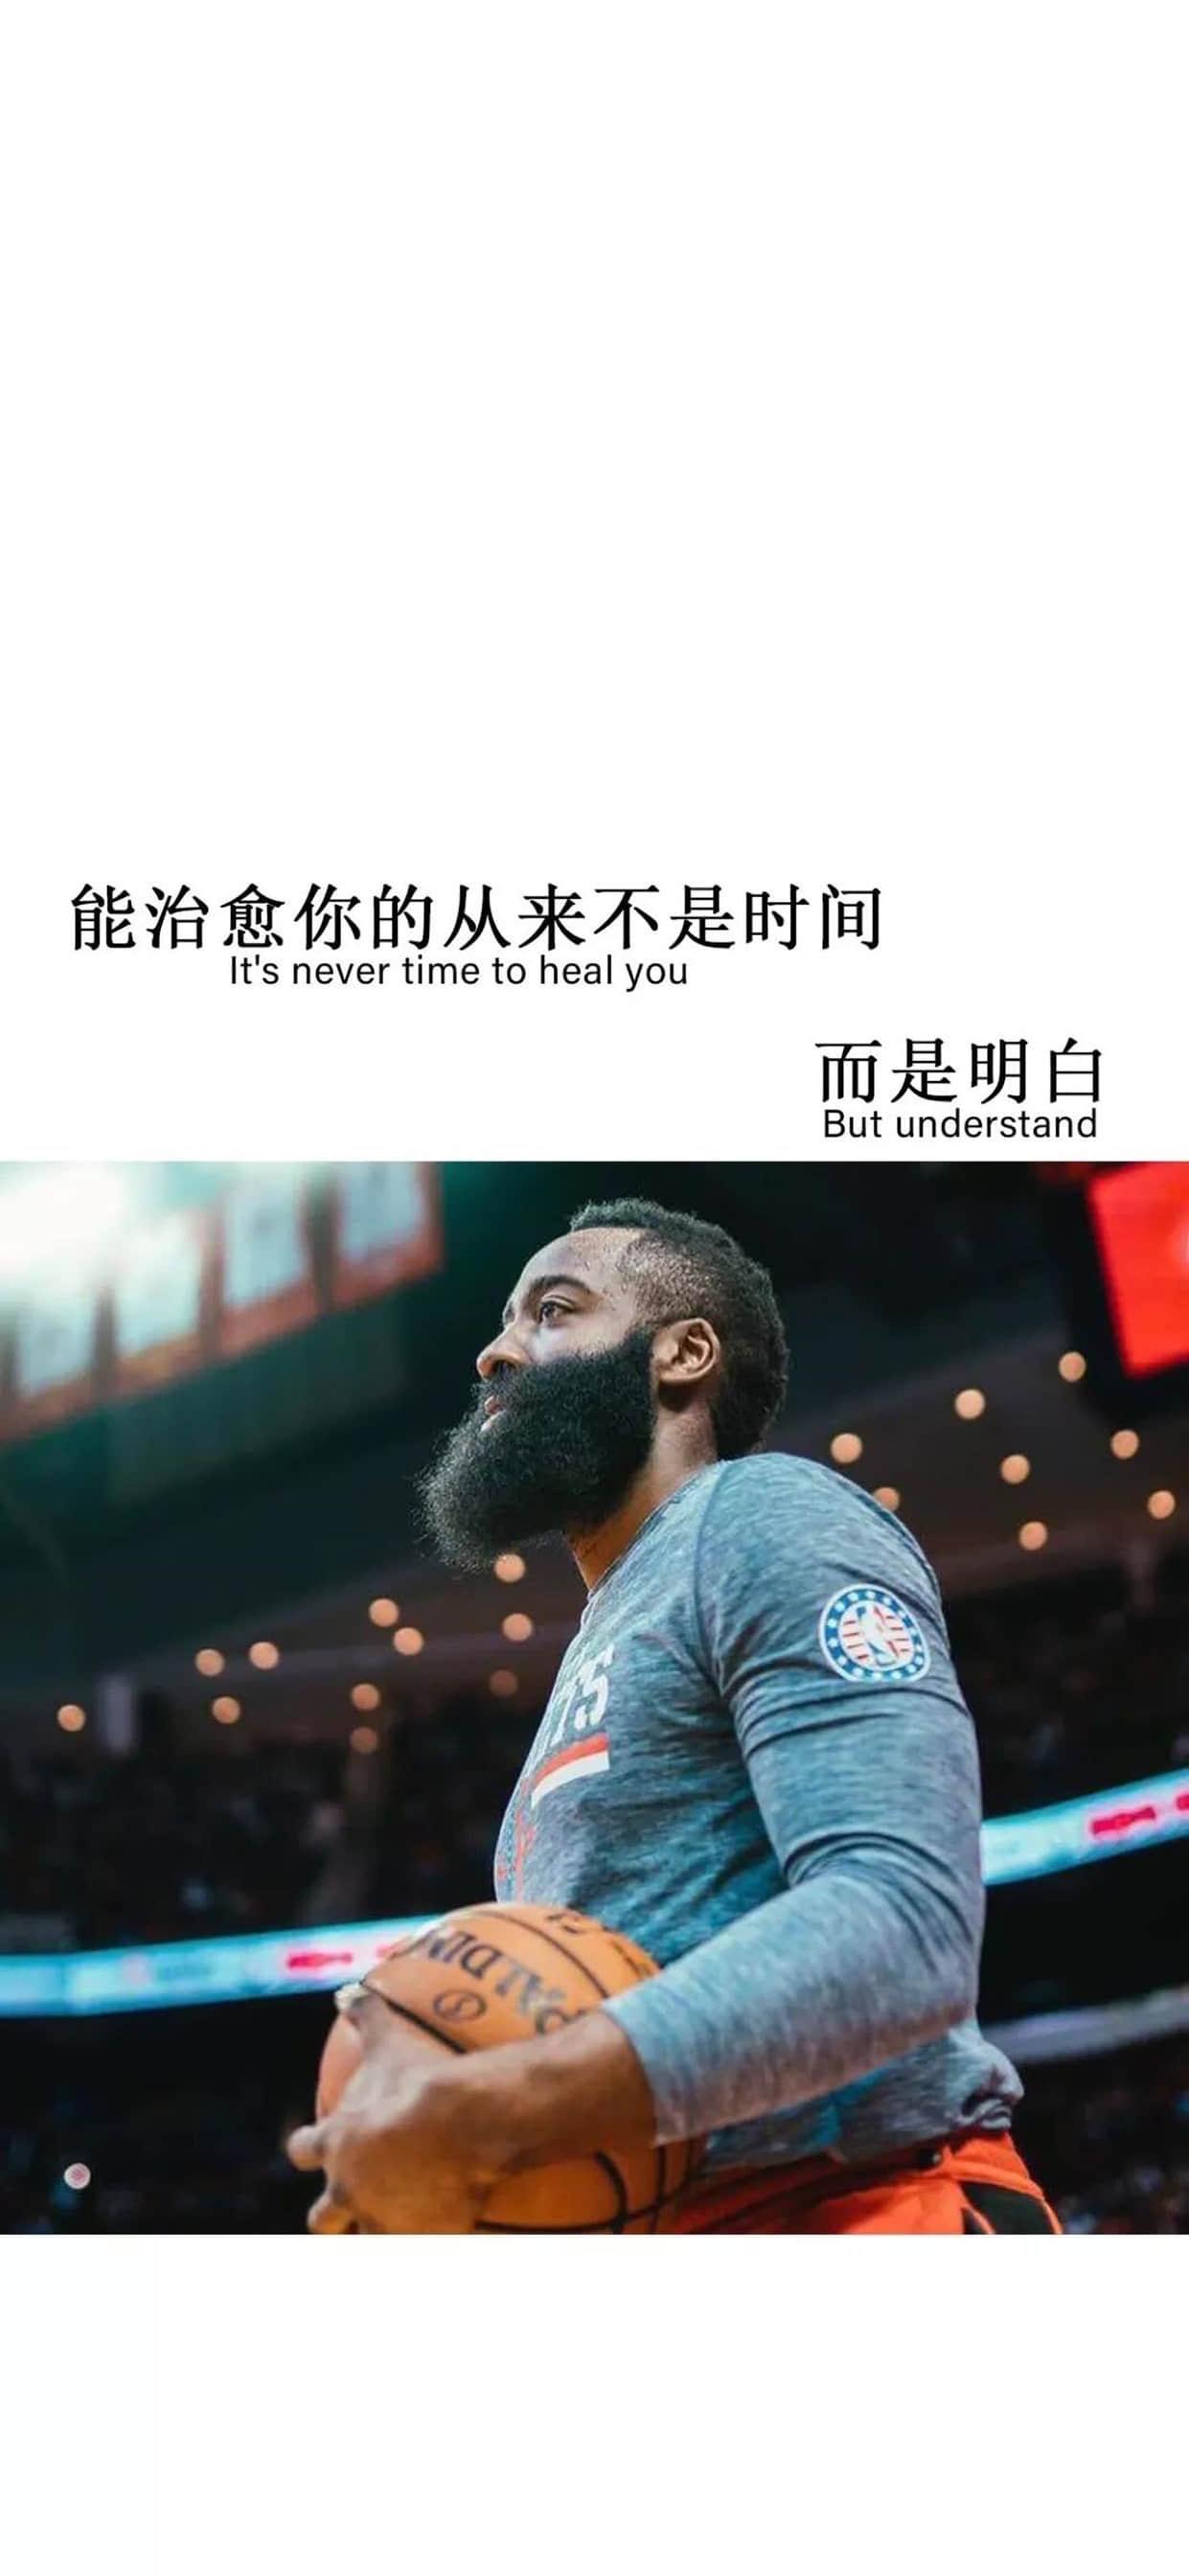 NBA篮球明星哈登励志文字高清手机壁纸【6P】